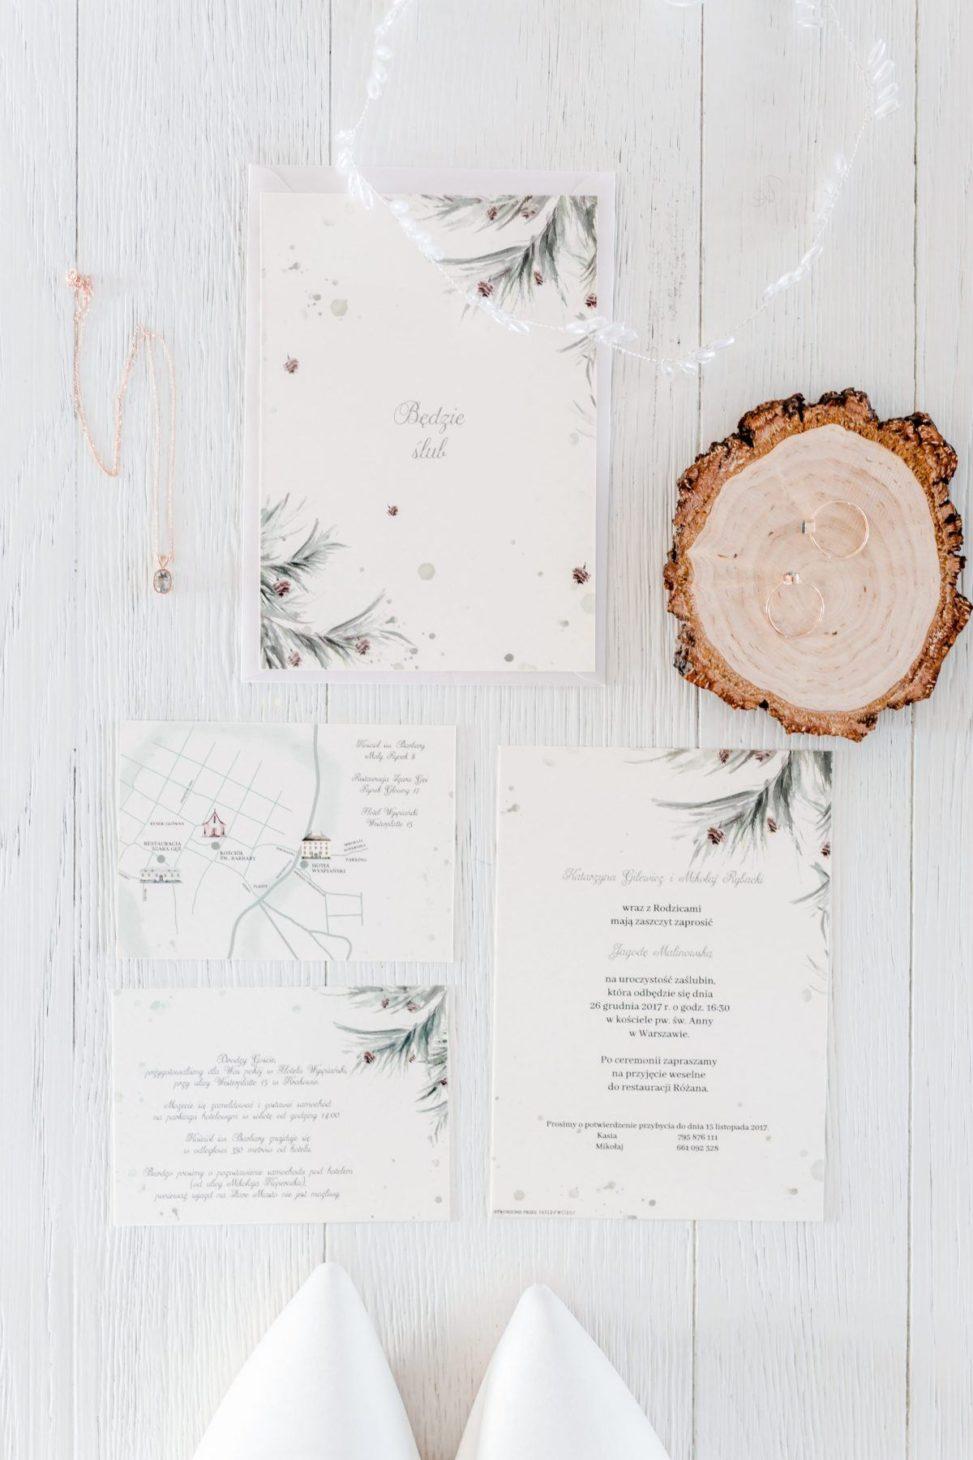 zaproszenie ślubne na zimę zimowe zaproszenie gdynia akwarela